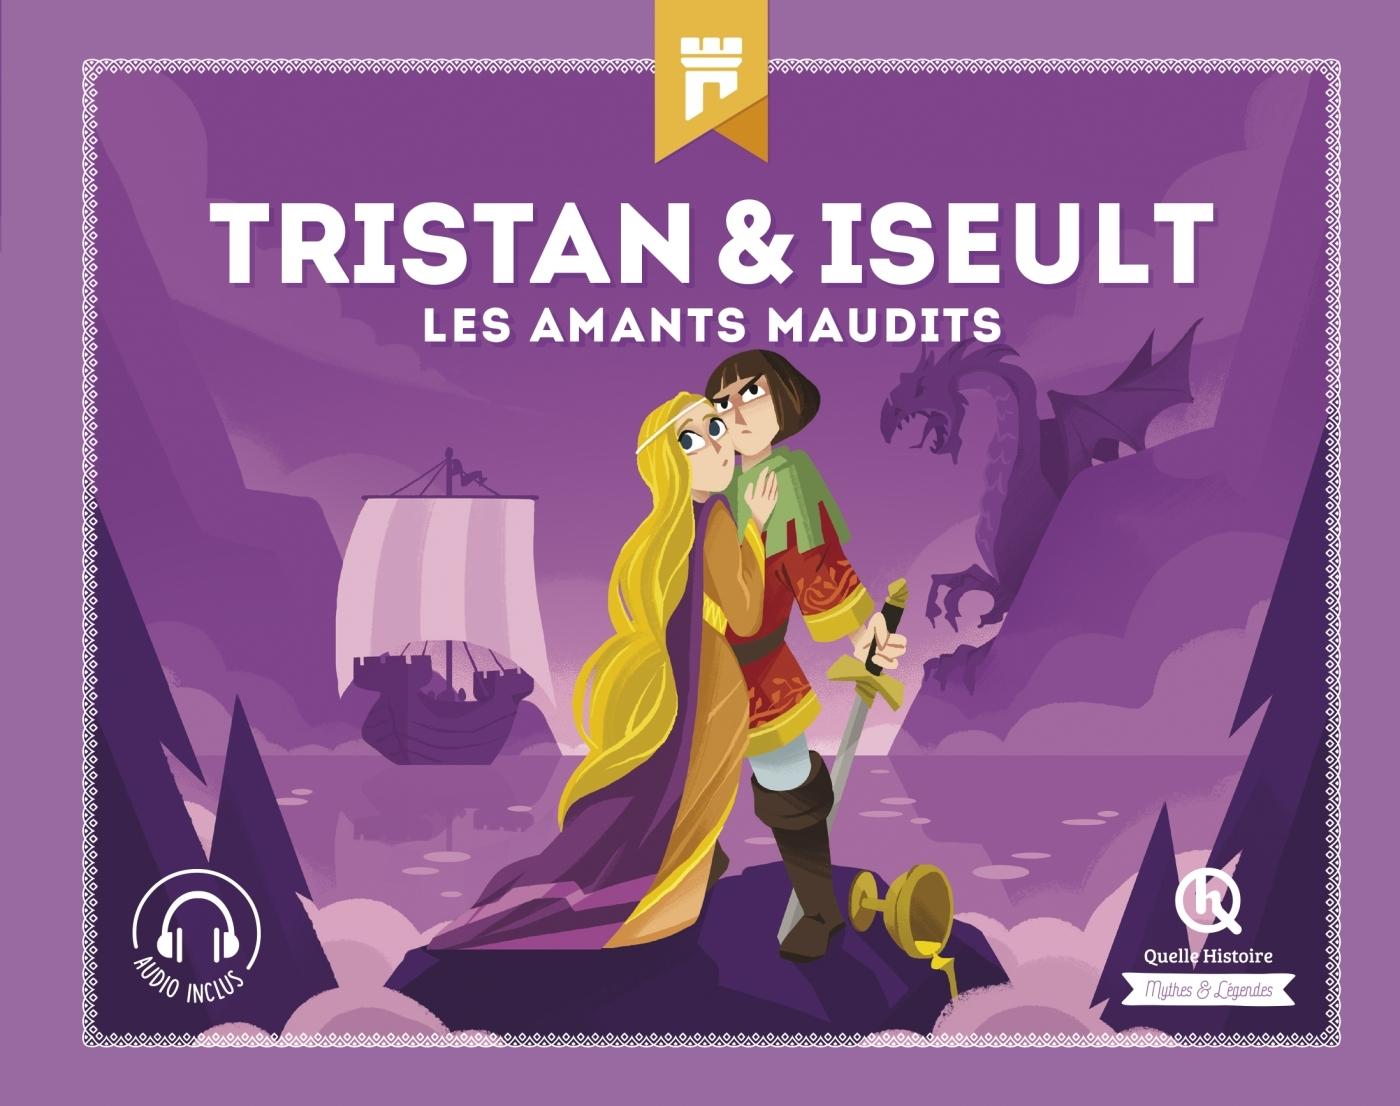 TRISTAN & ISEULT - LES AMANTS MAUDIT